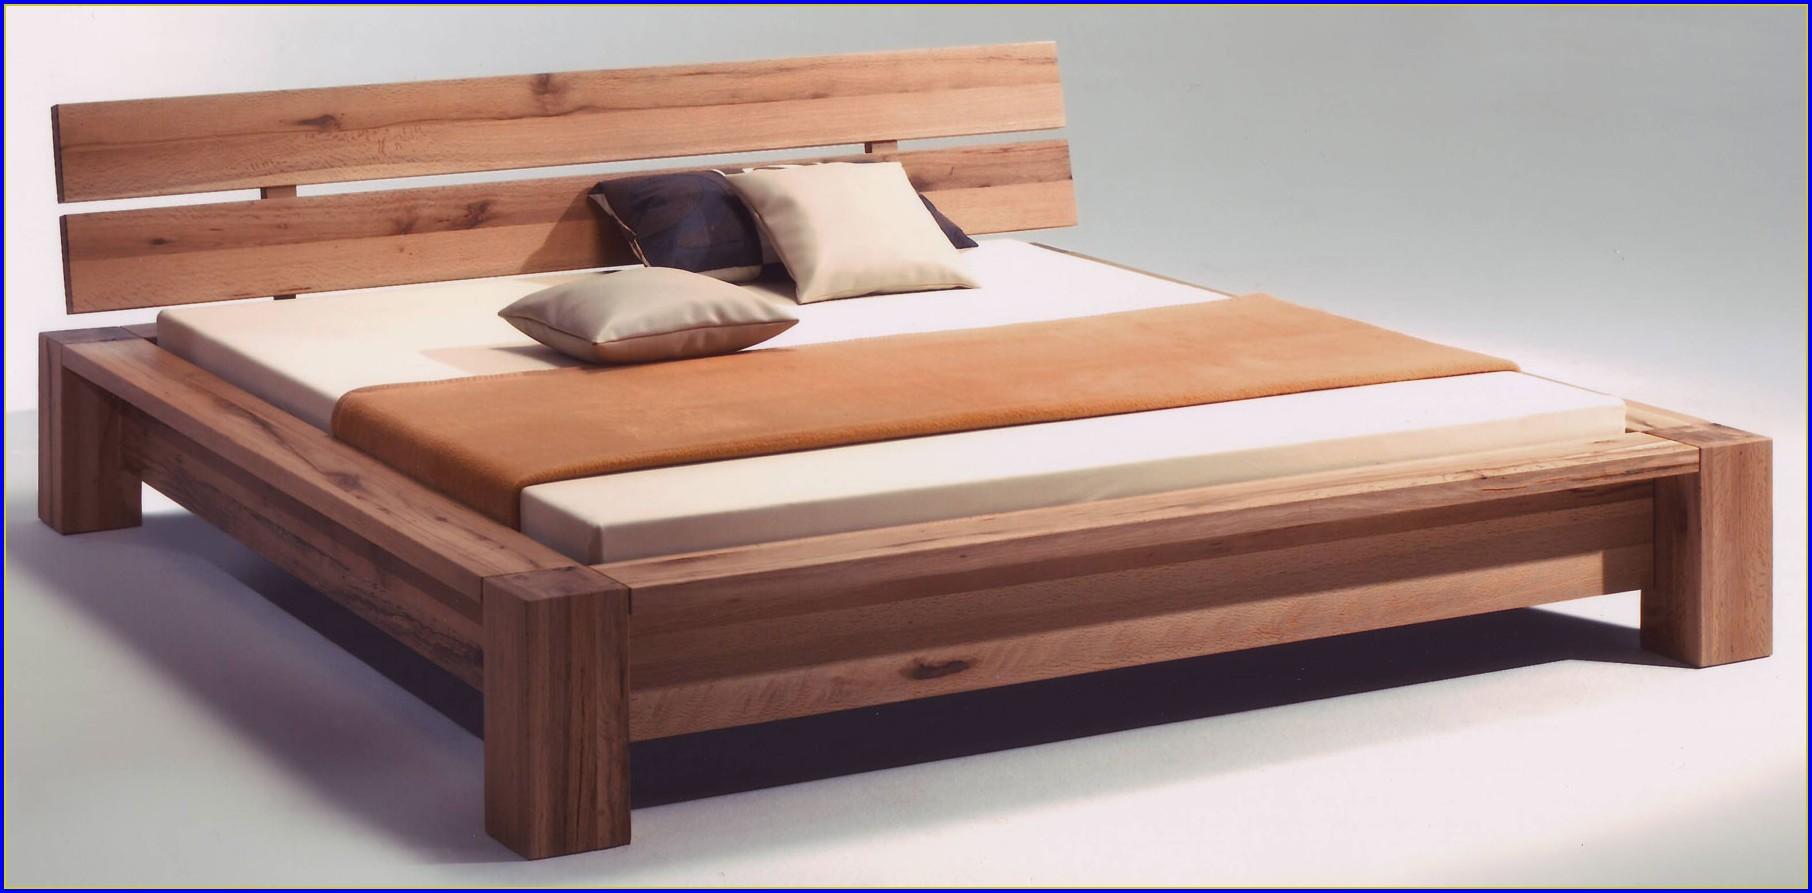 Ikea Malm Bett 140 Weiss